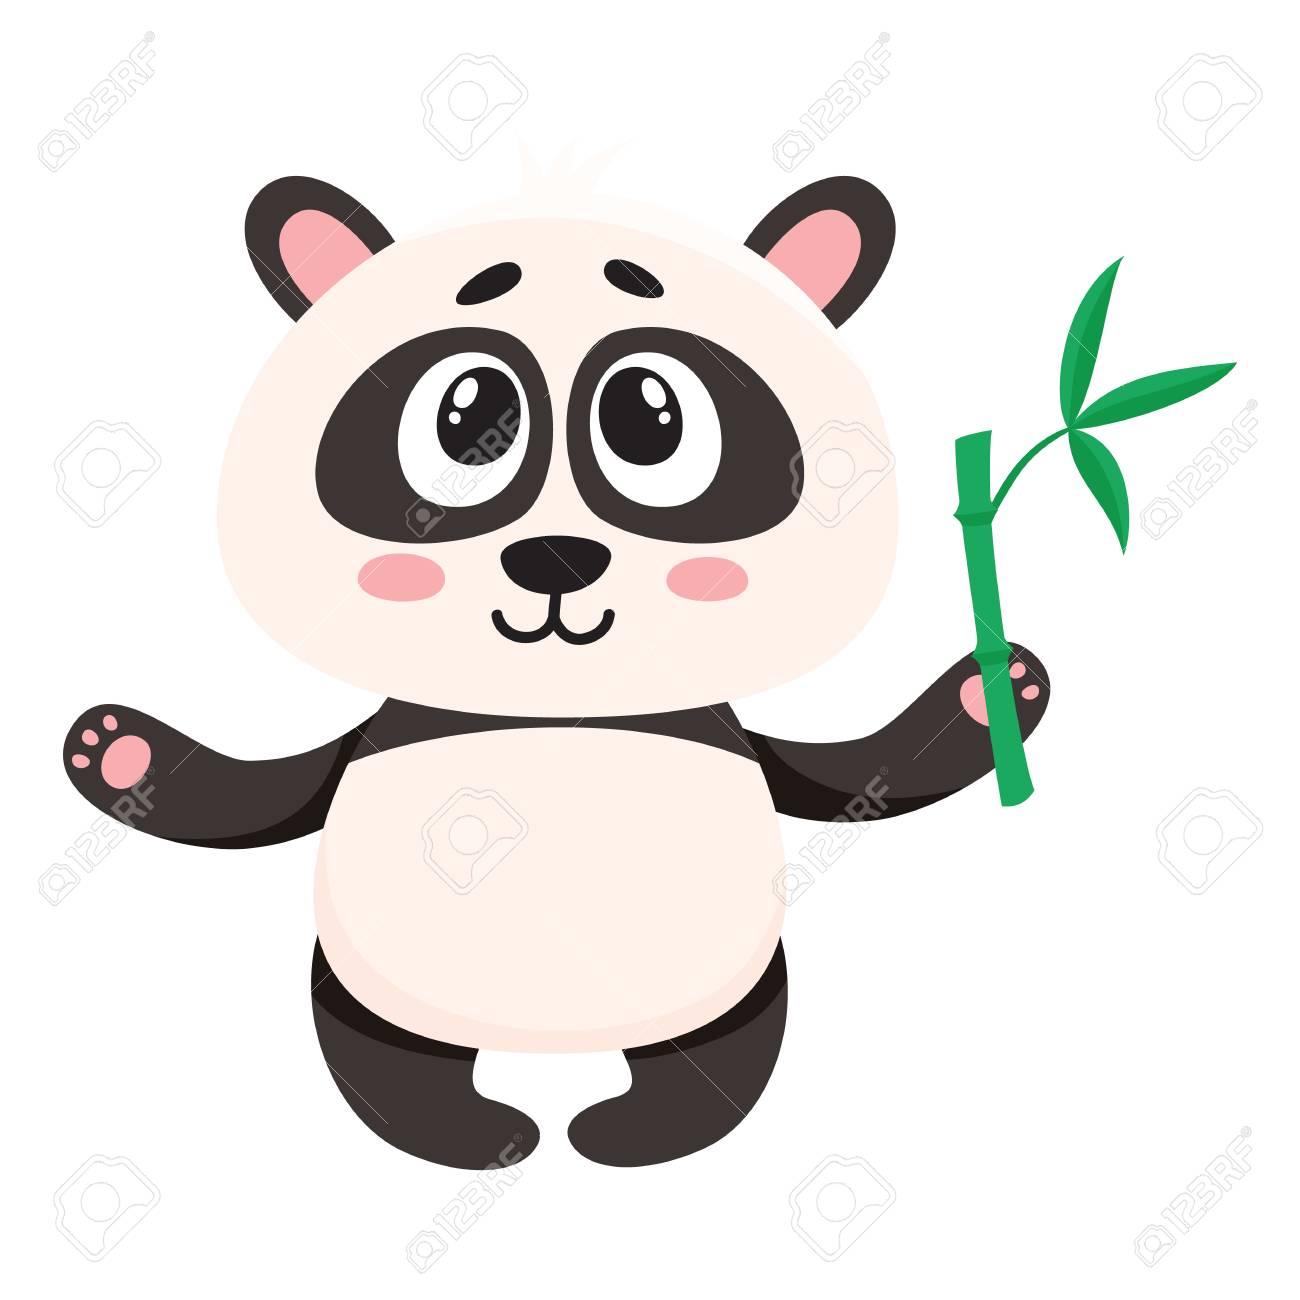 Mignon Et Drole Personnage De Bebe Panda Souriant Tenant Une Branche